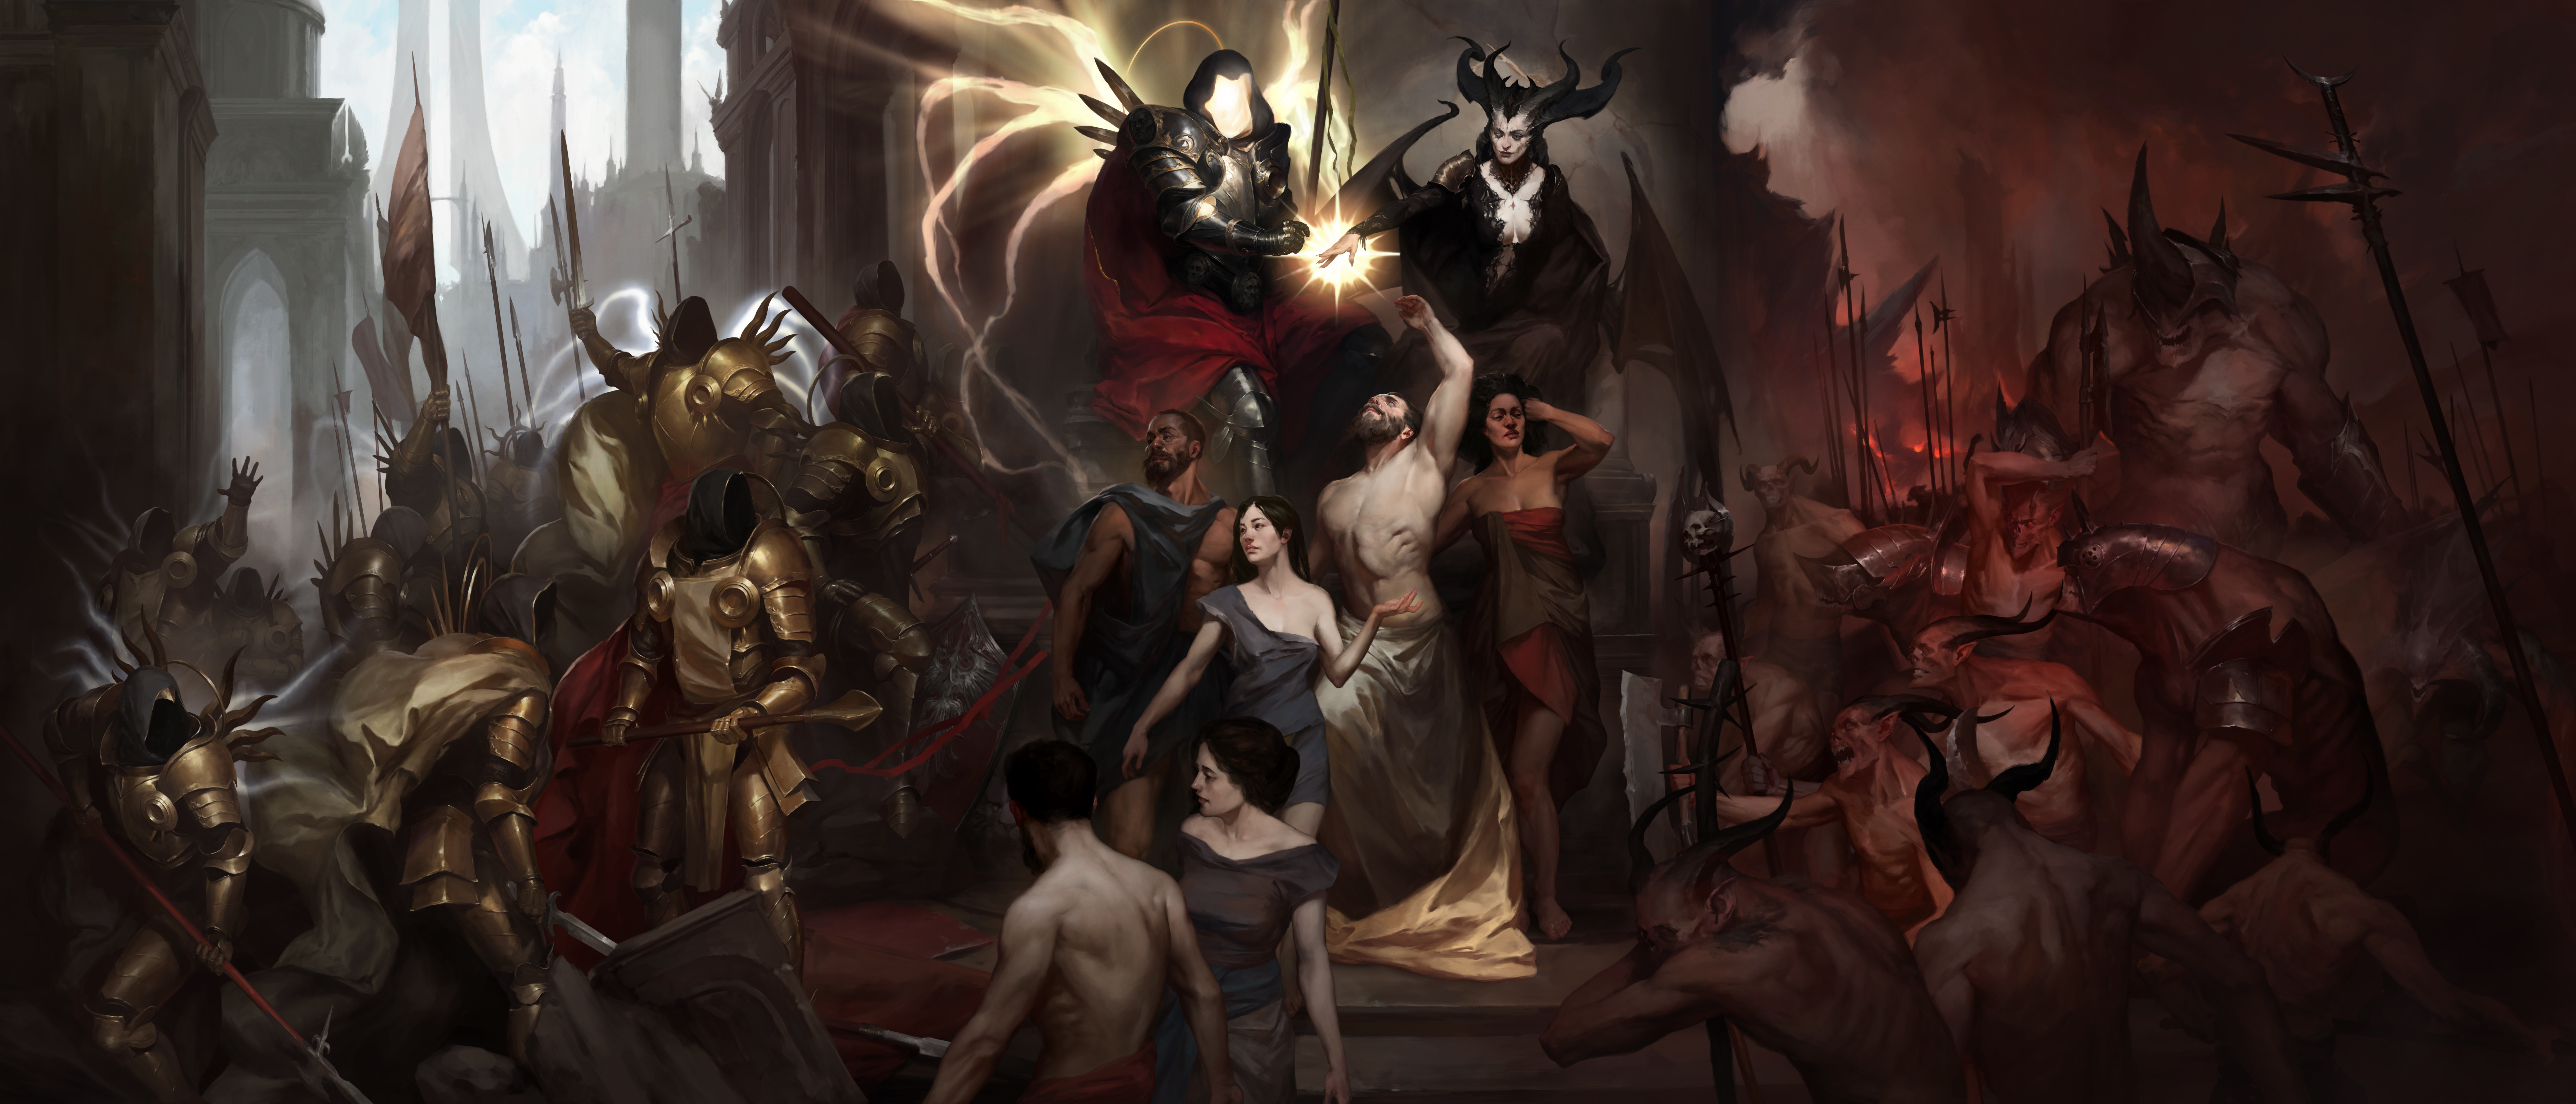 Descarga y crea wallpapers de Diablo 4